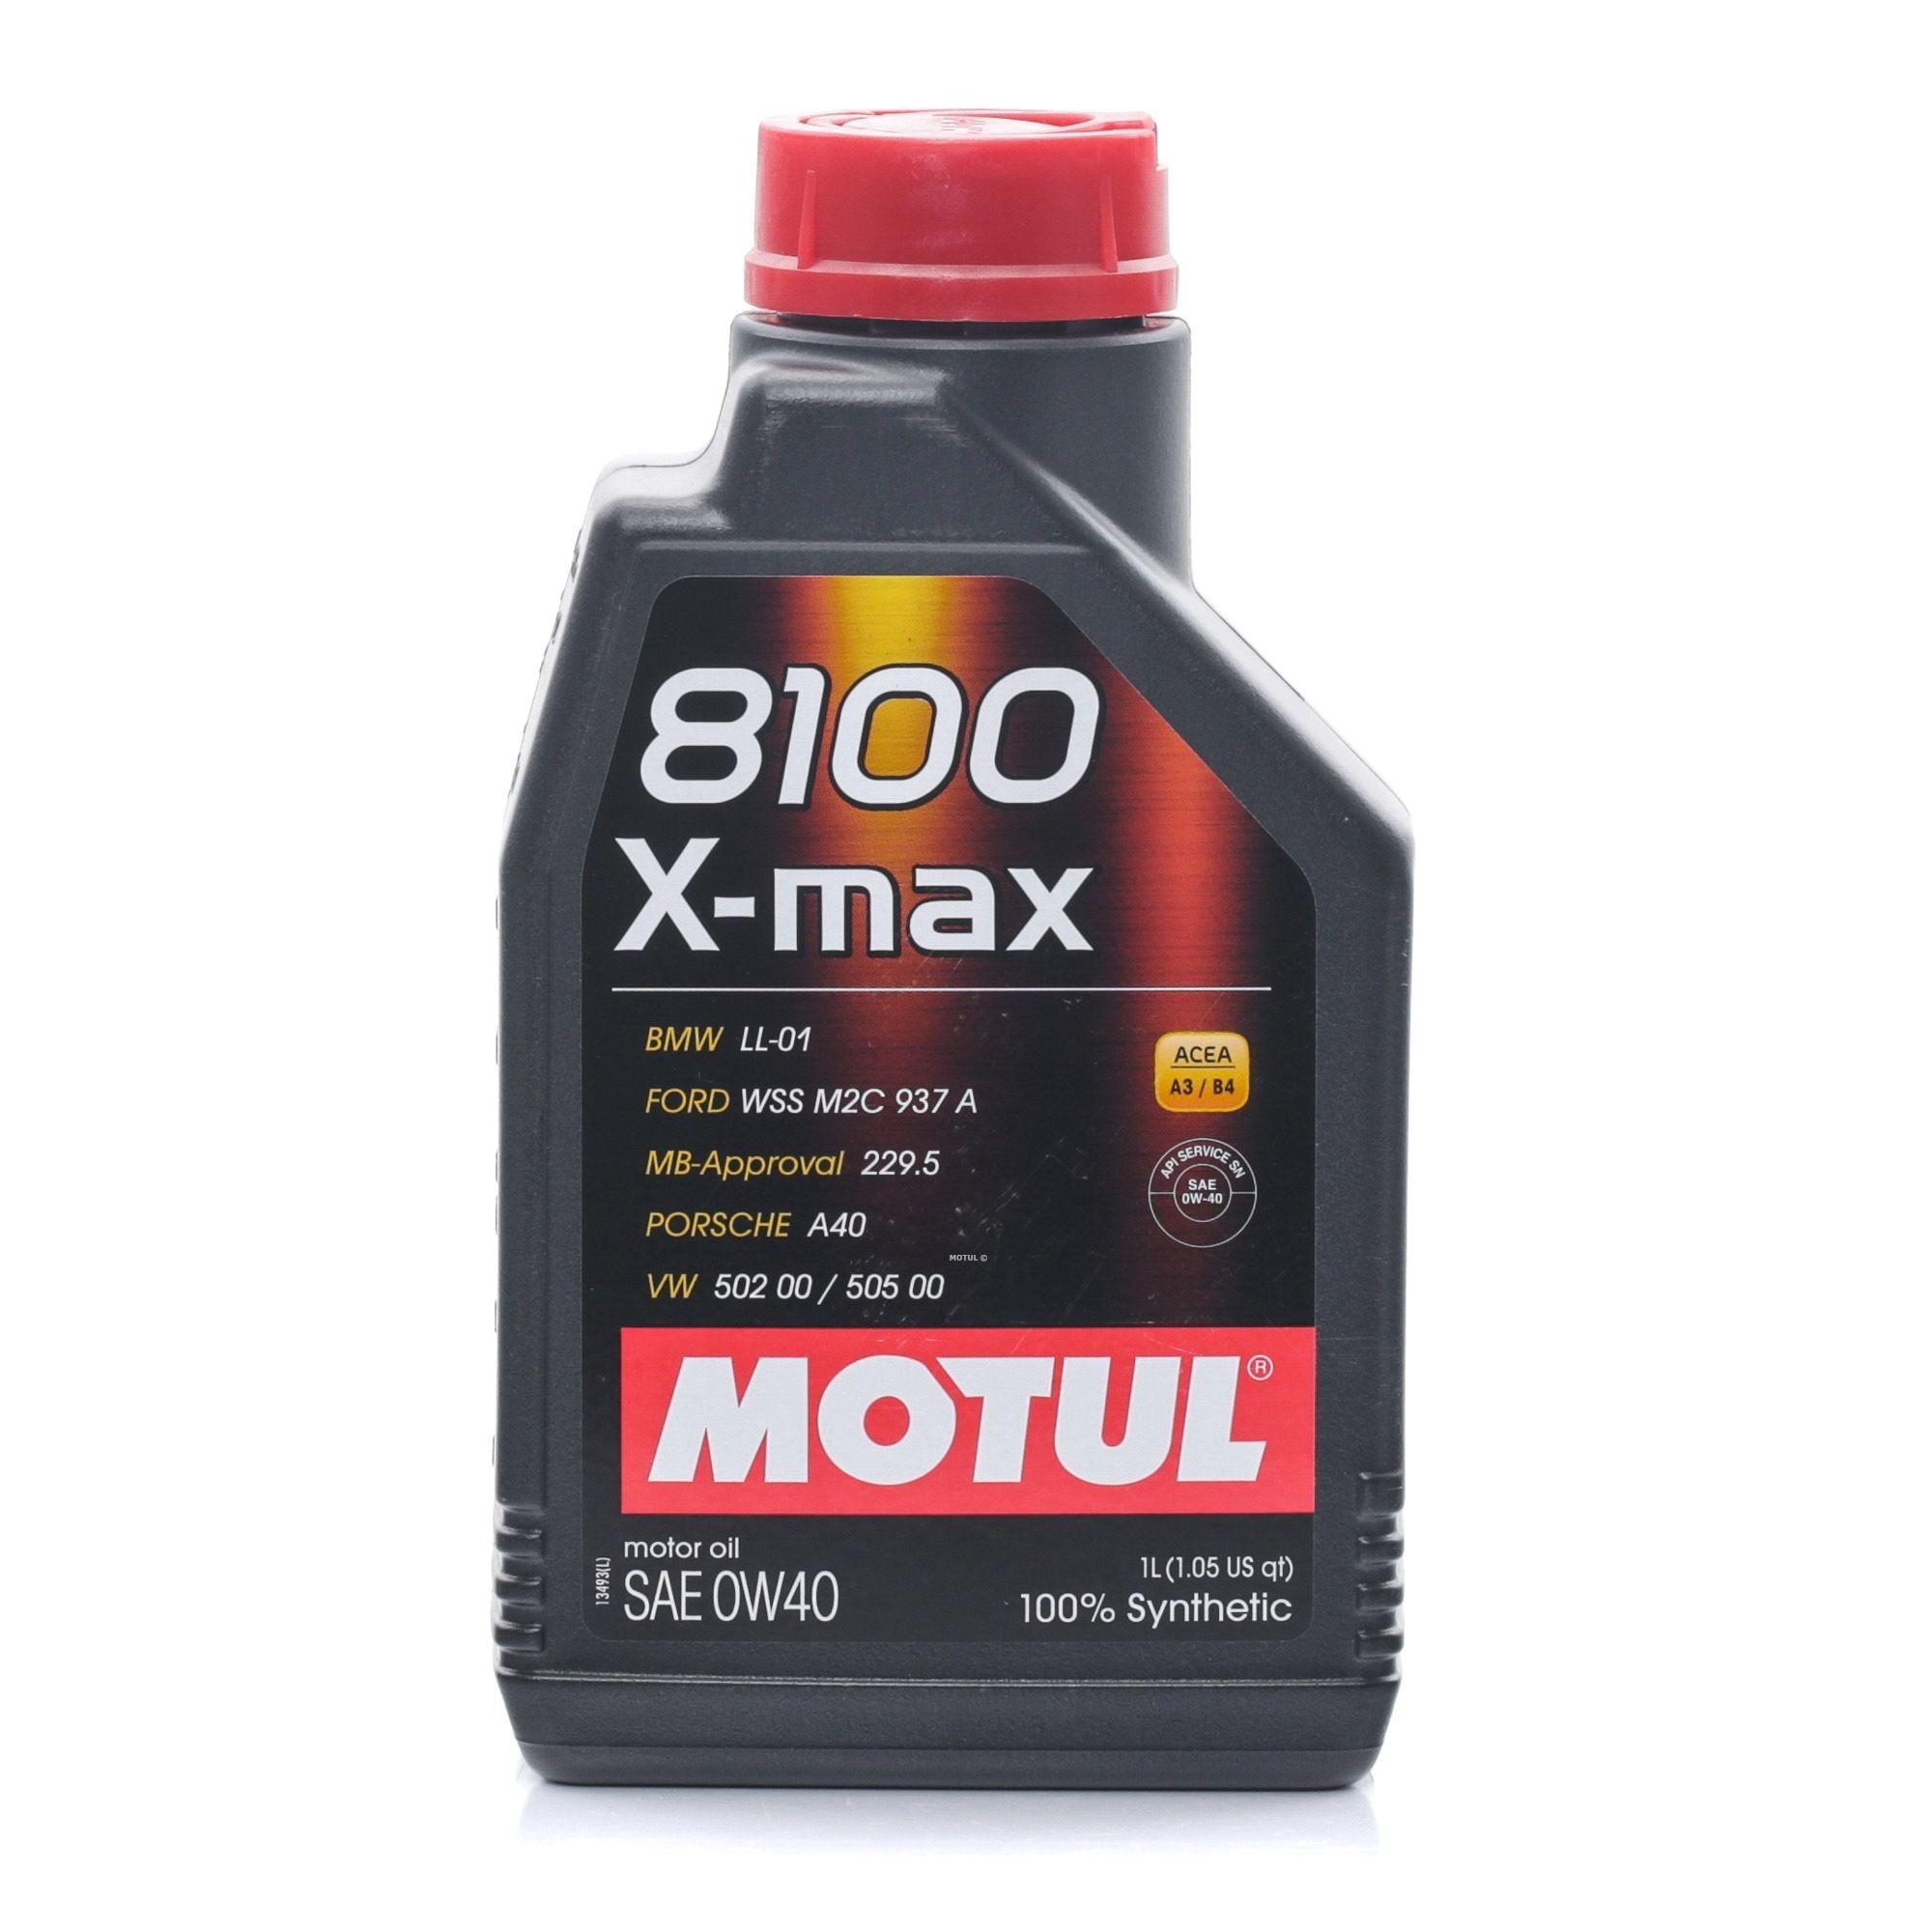 MOSKVICH 2137 1995 Öle & Flüssigkeiten - Original MOTUL 104531